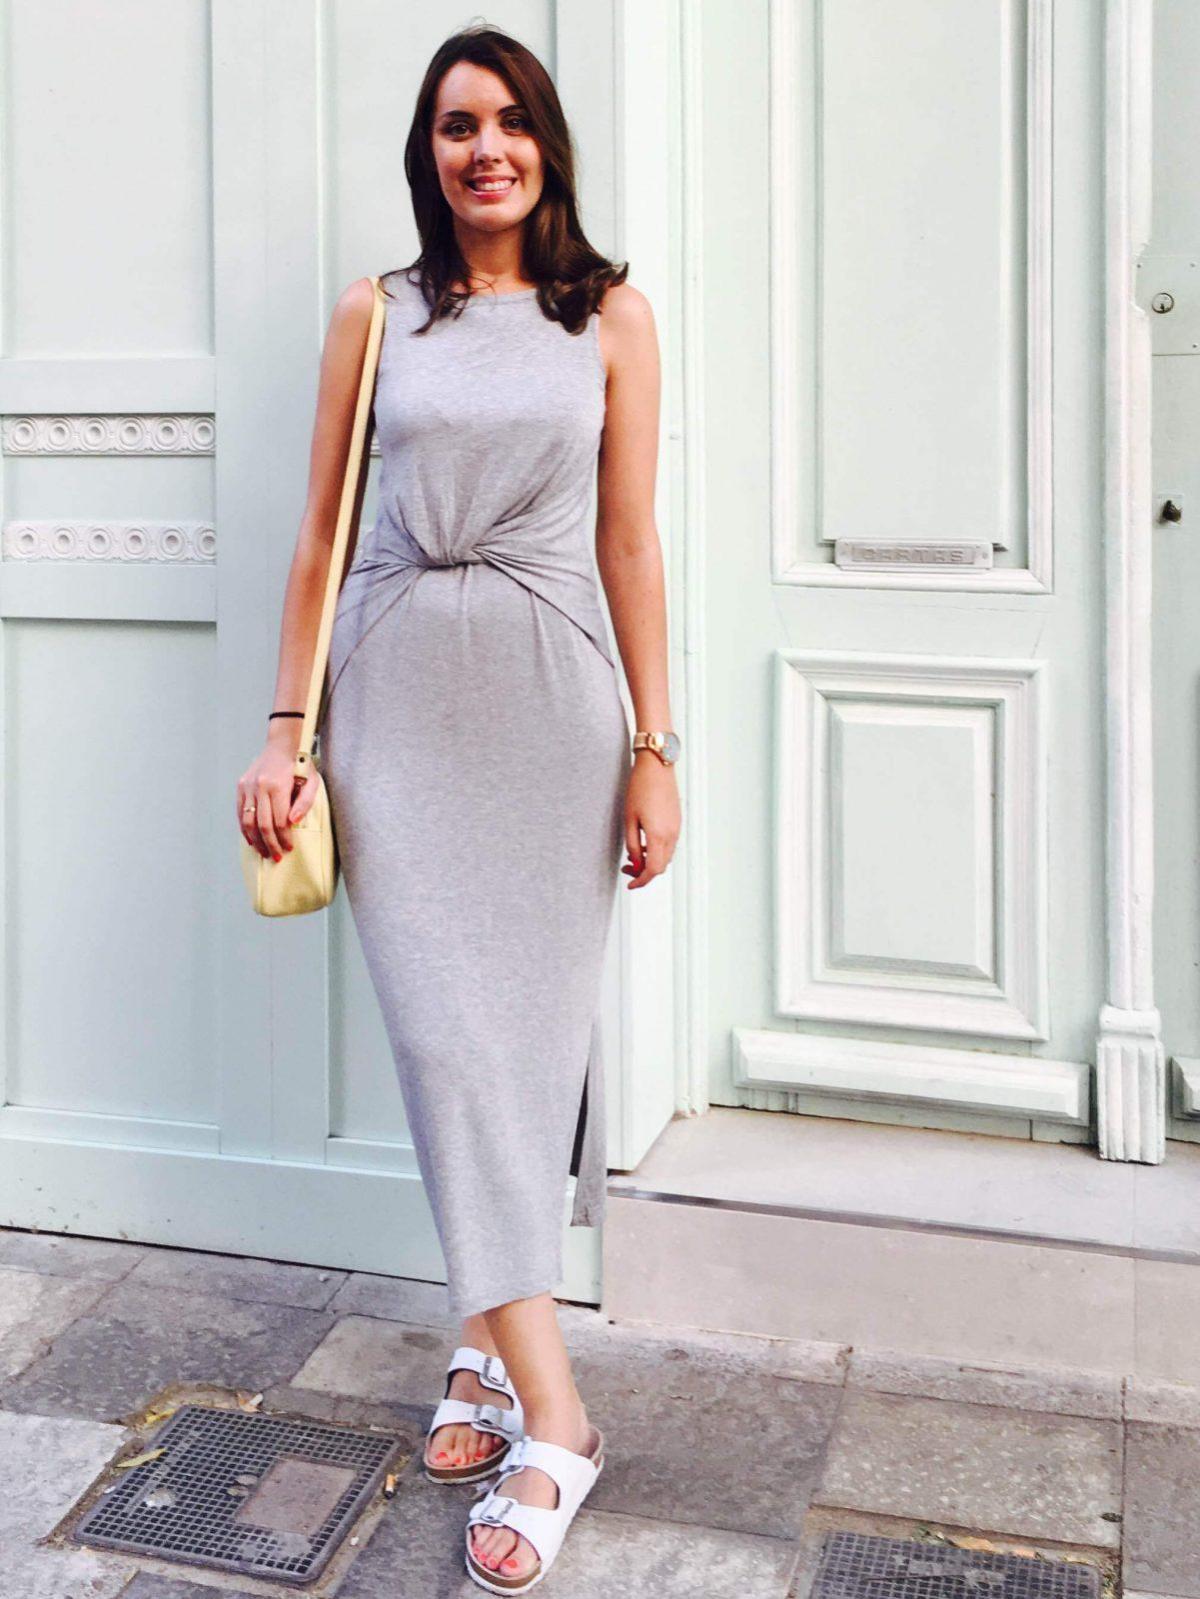 marikowskaya street style monica vestido gris largo (2)